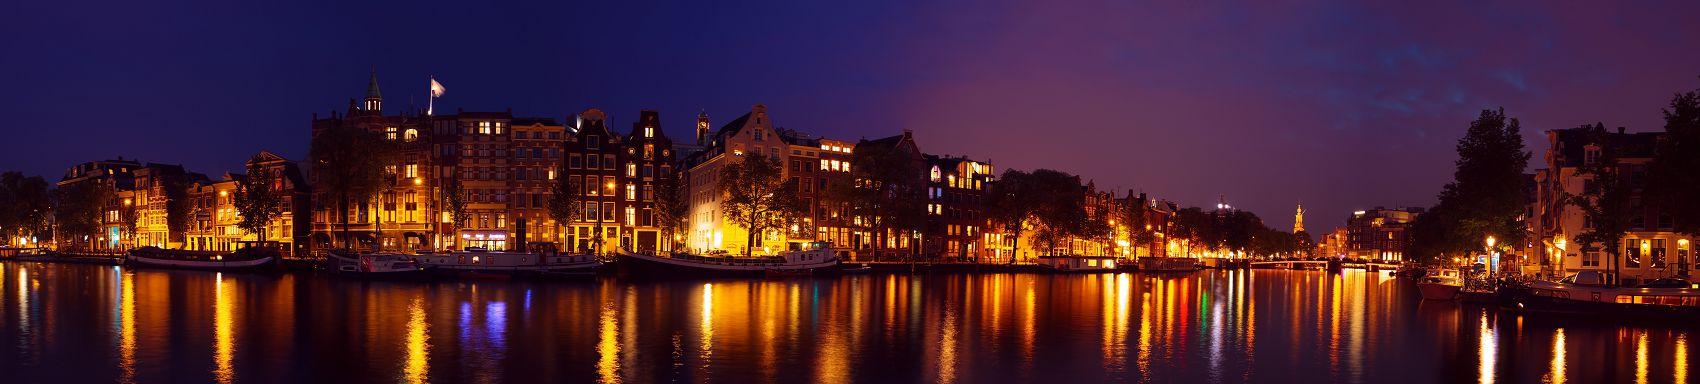 Город Амстердам ночью